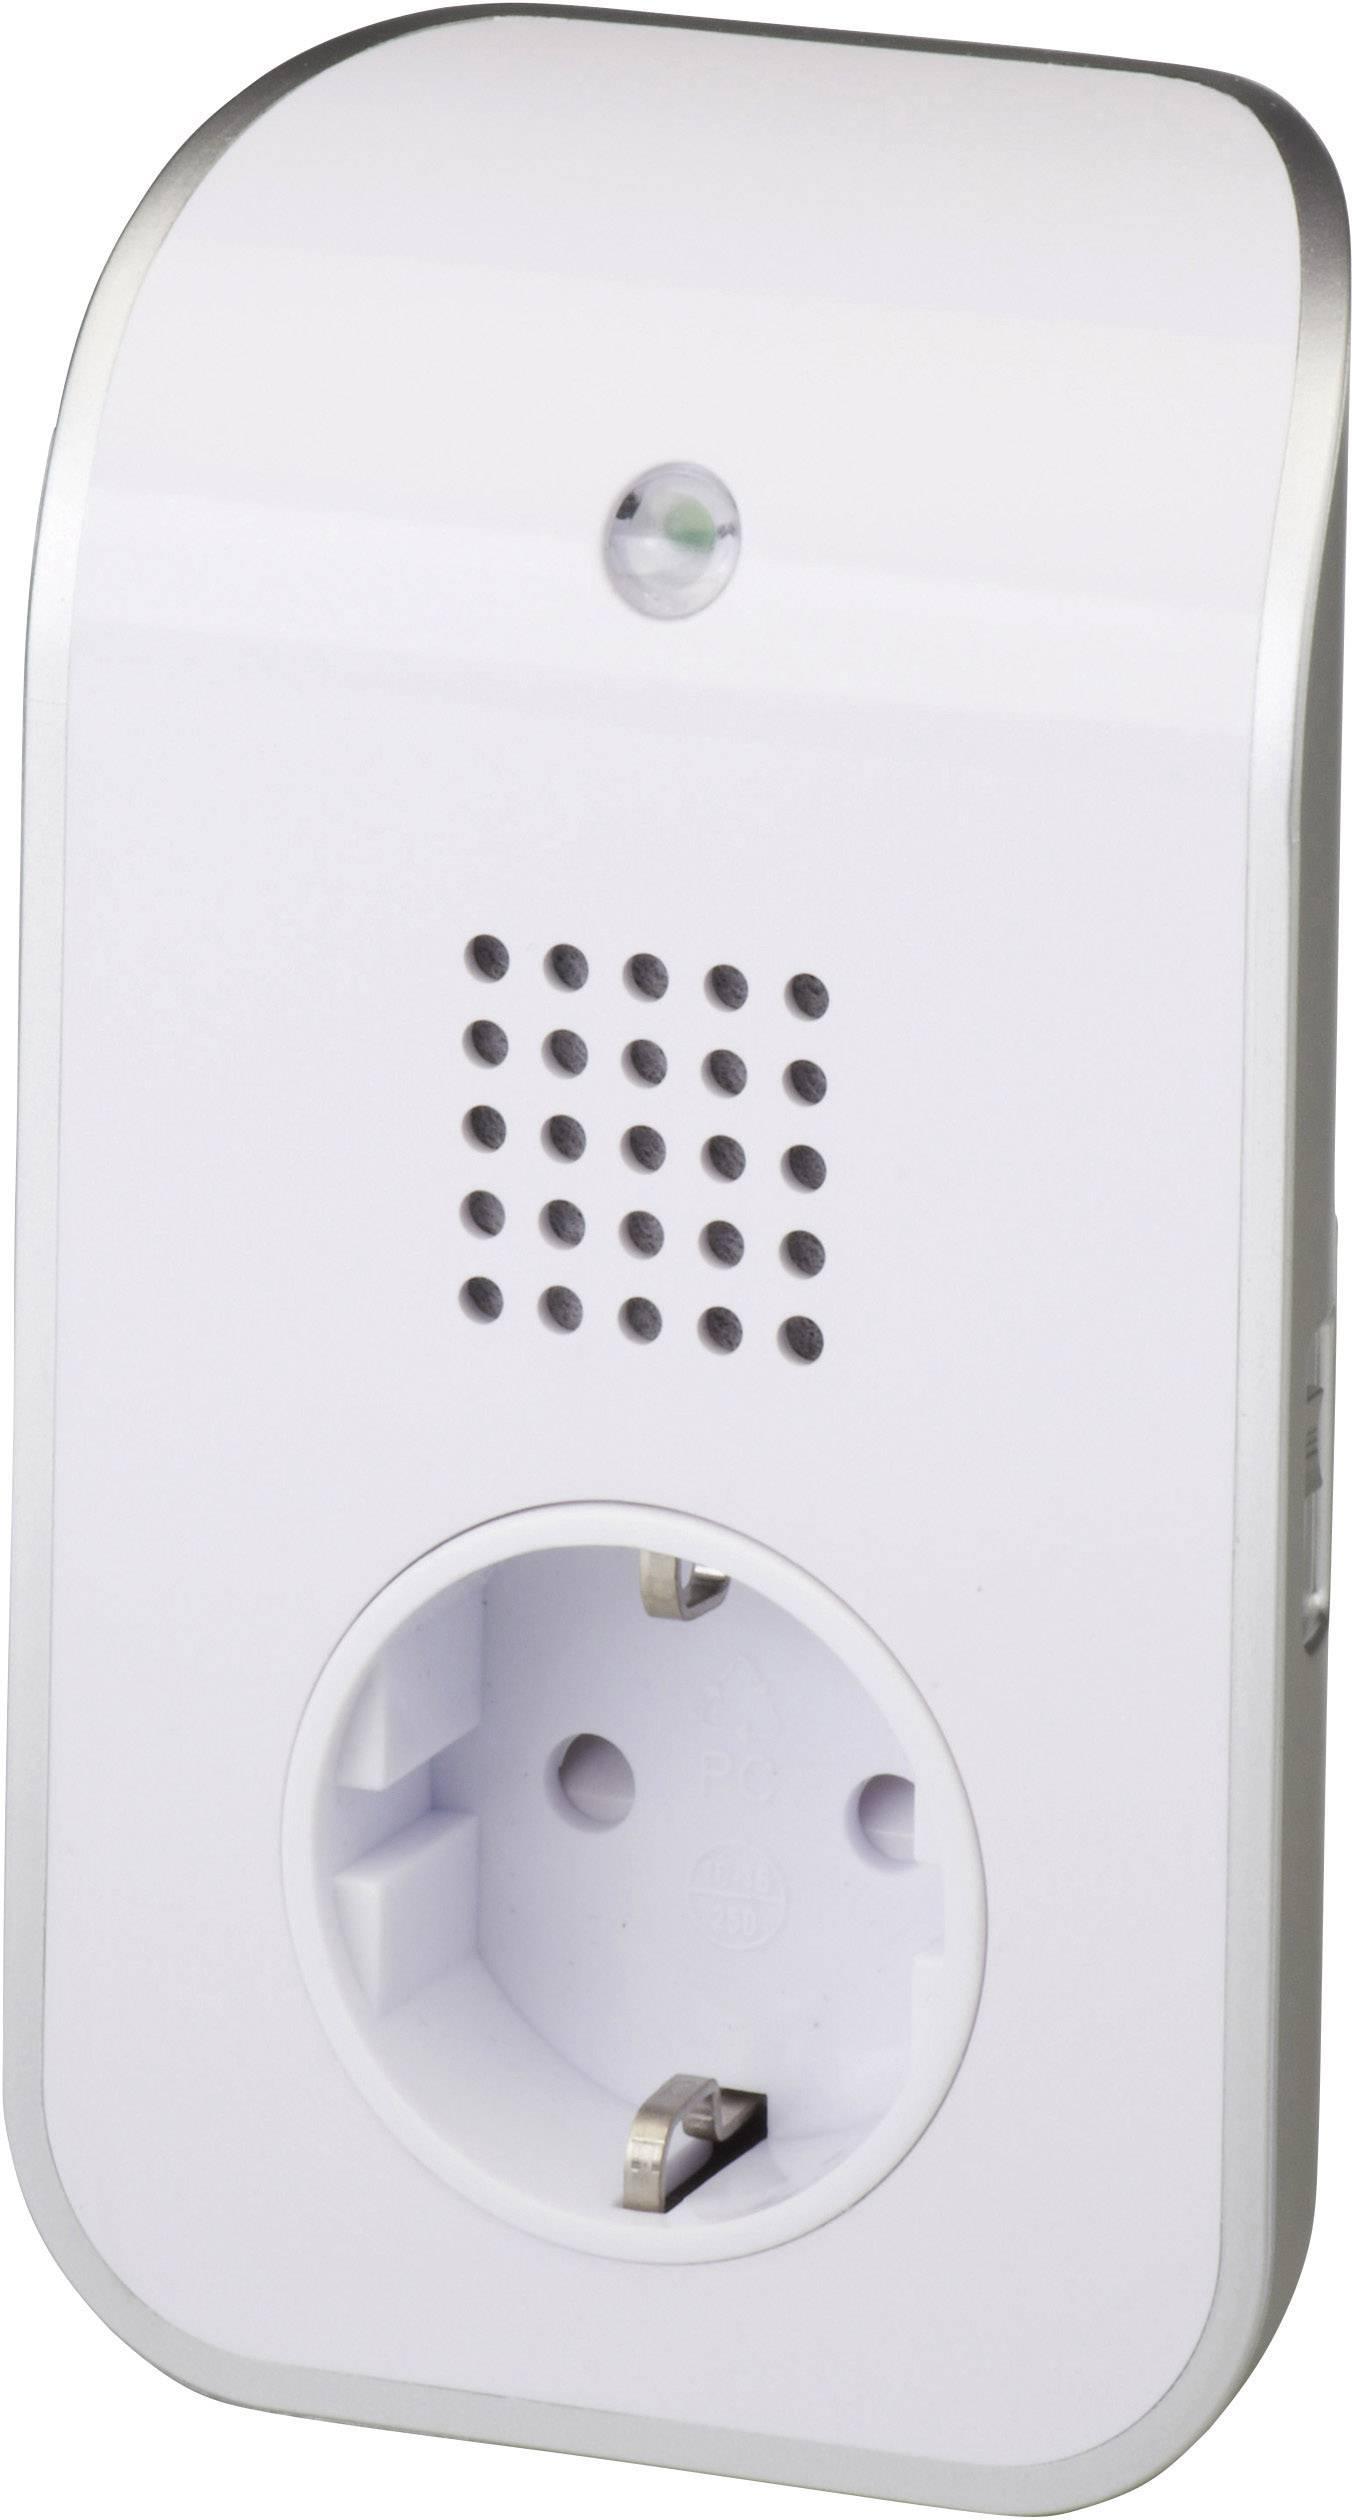 Bezdrôtový zvonček Heidemann HX Curve 70871, prijímač, biela, strieborná